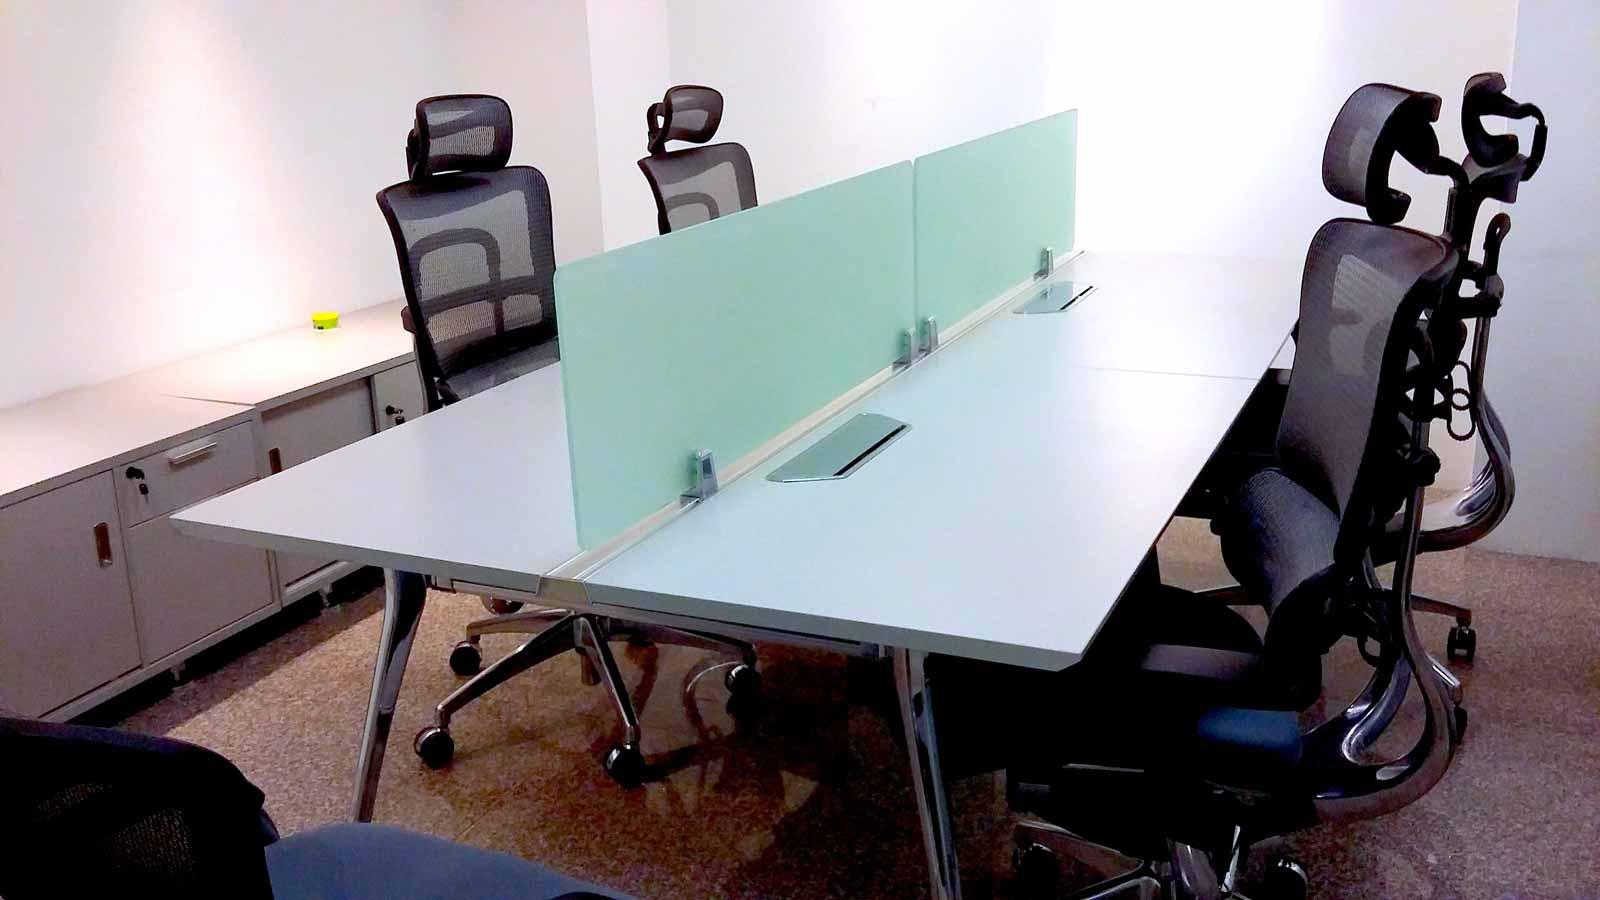 Oficinas modernas para sus negocios y reuniones corporativas